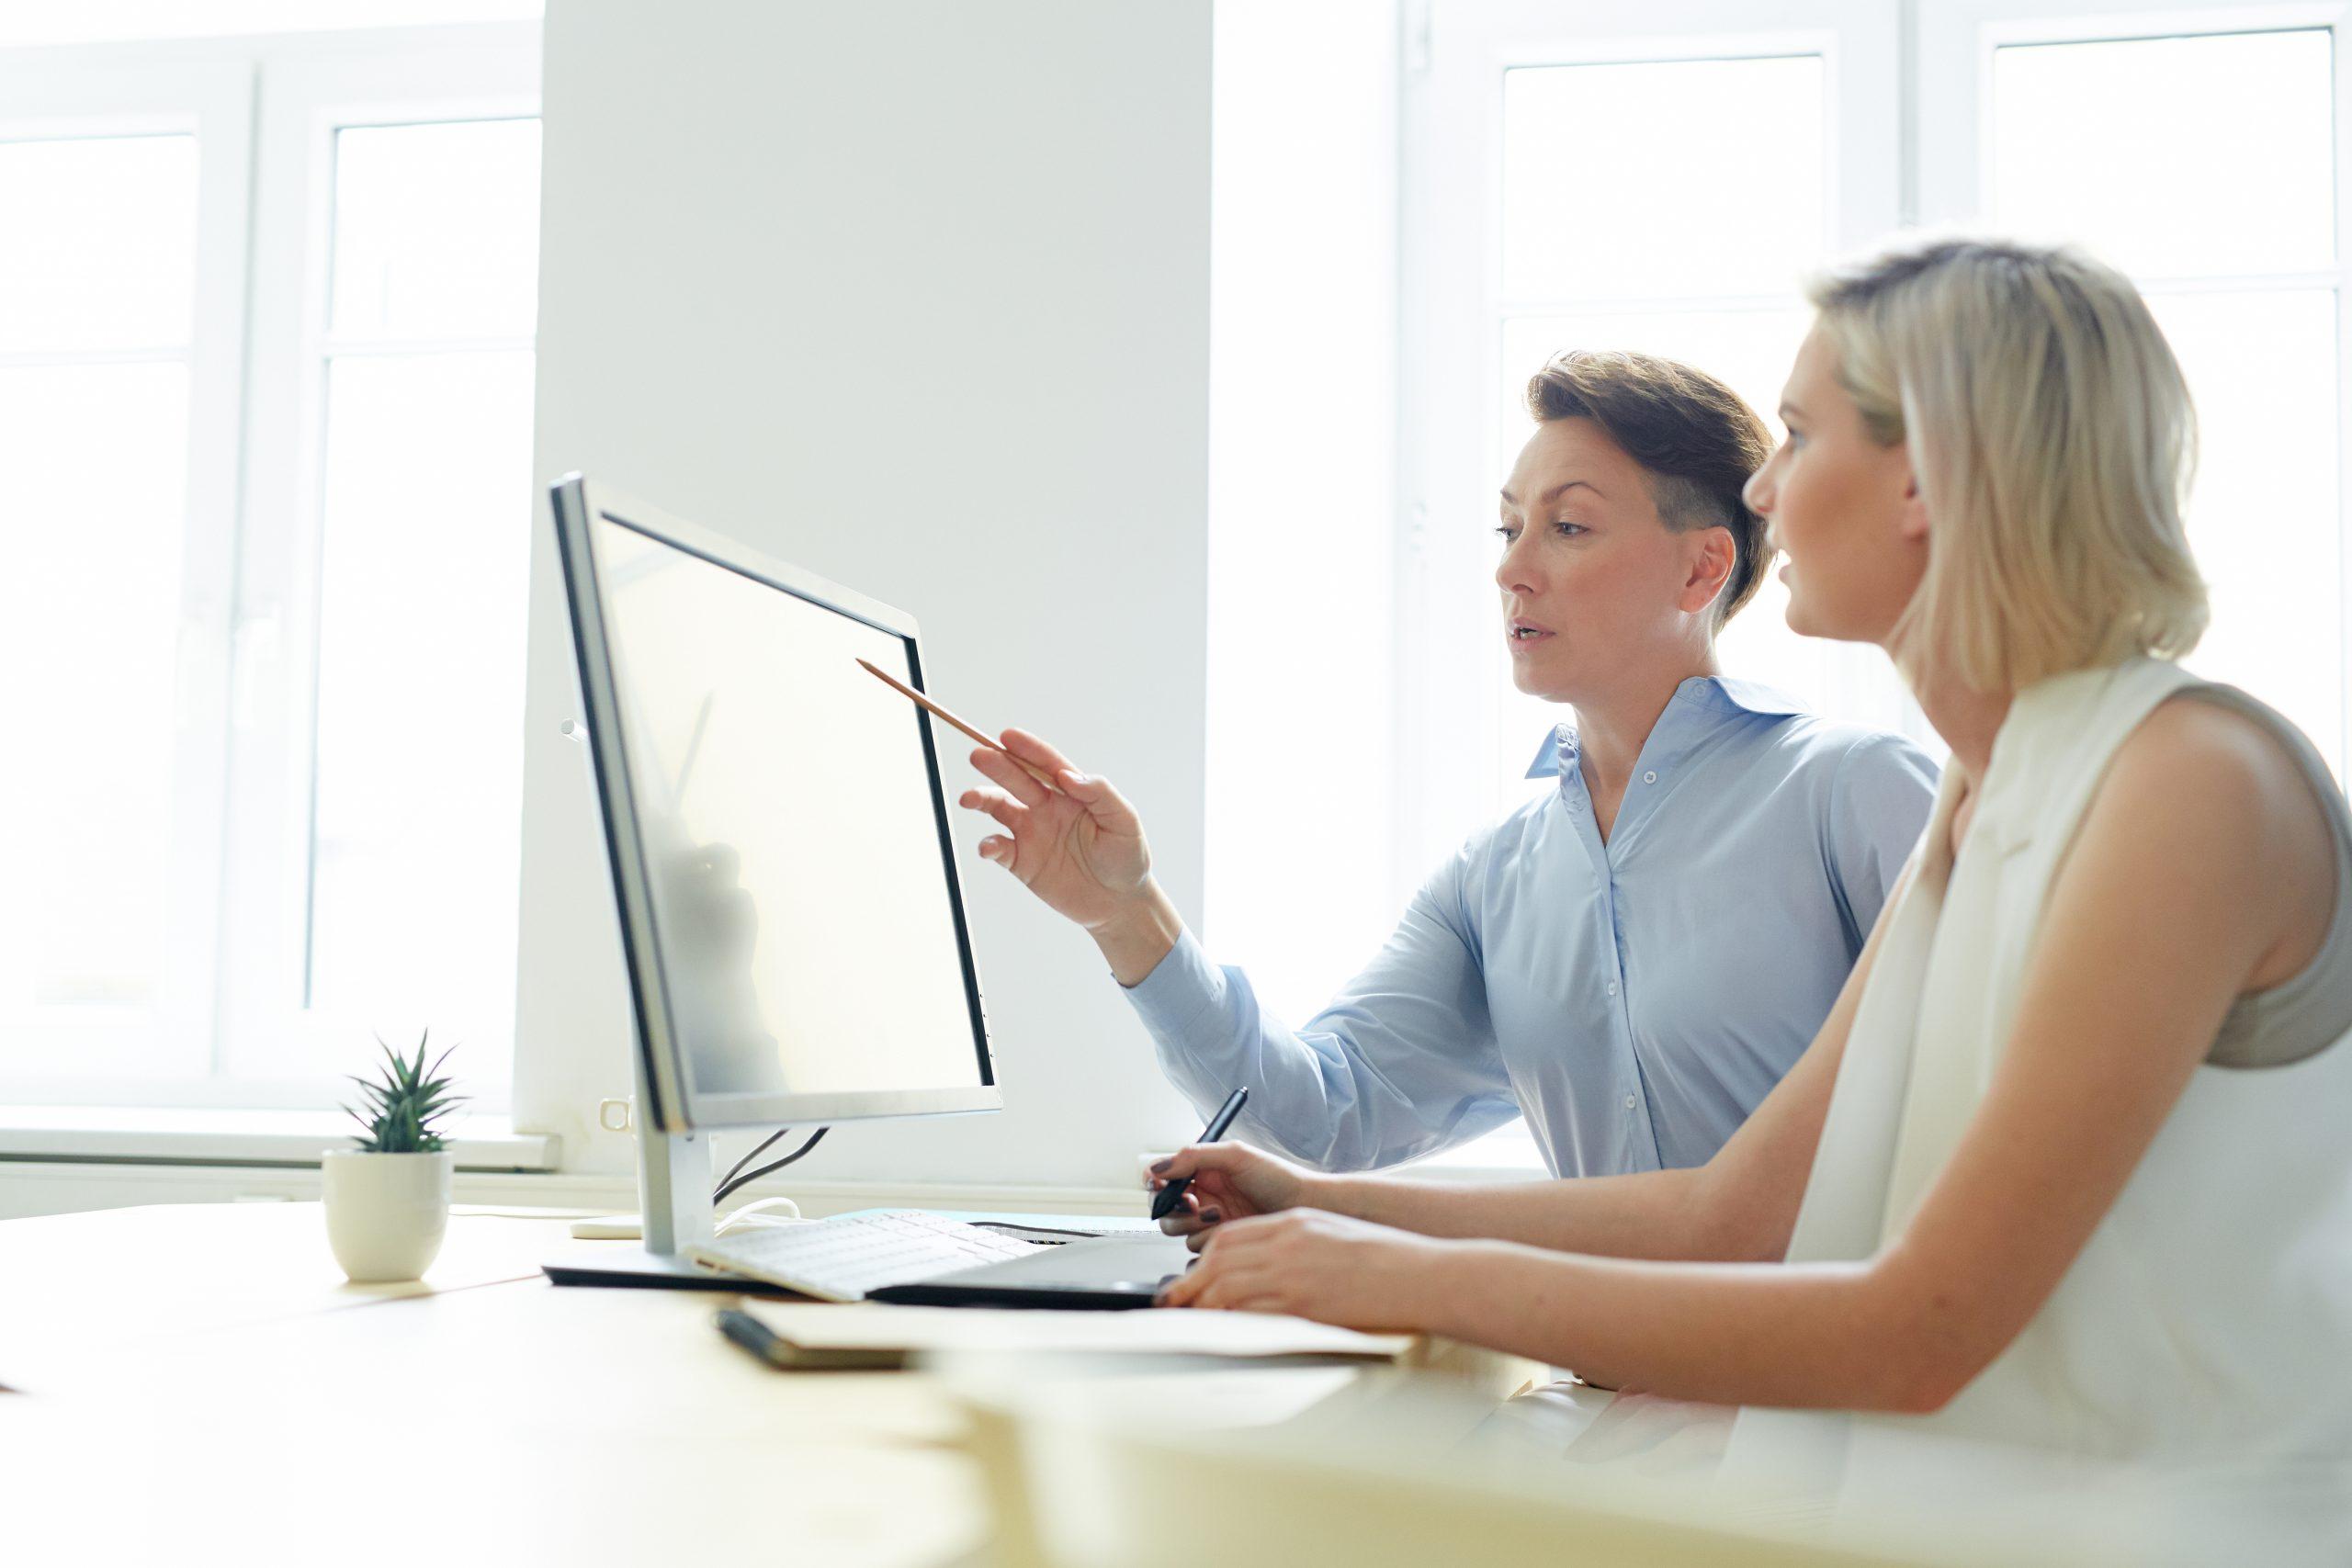 Cursos del sector administración y gestión online gratis